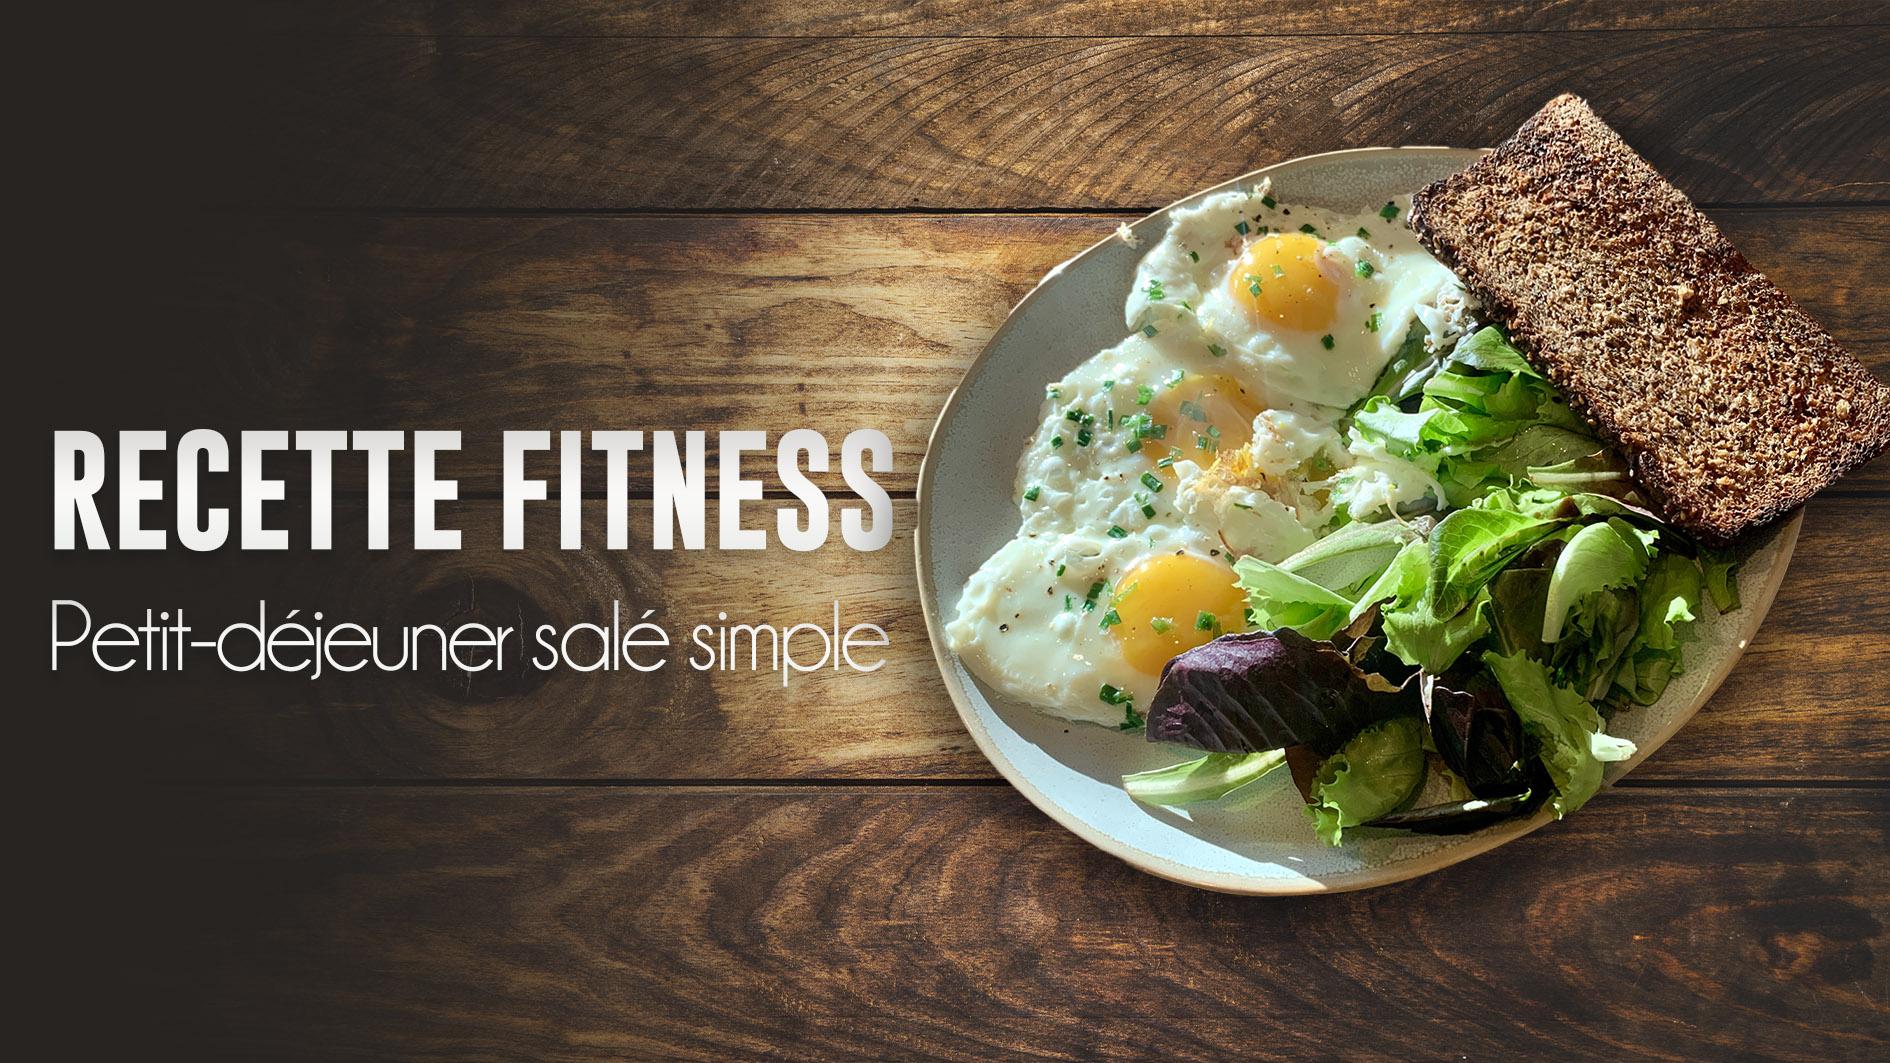 Recette fitness : petit déjeuner simple et rapide